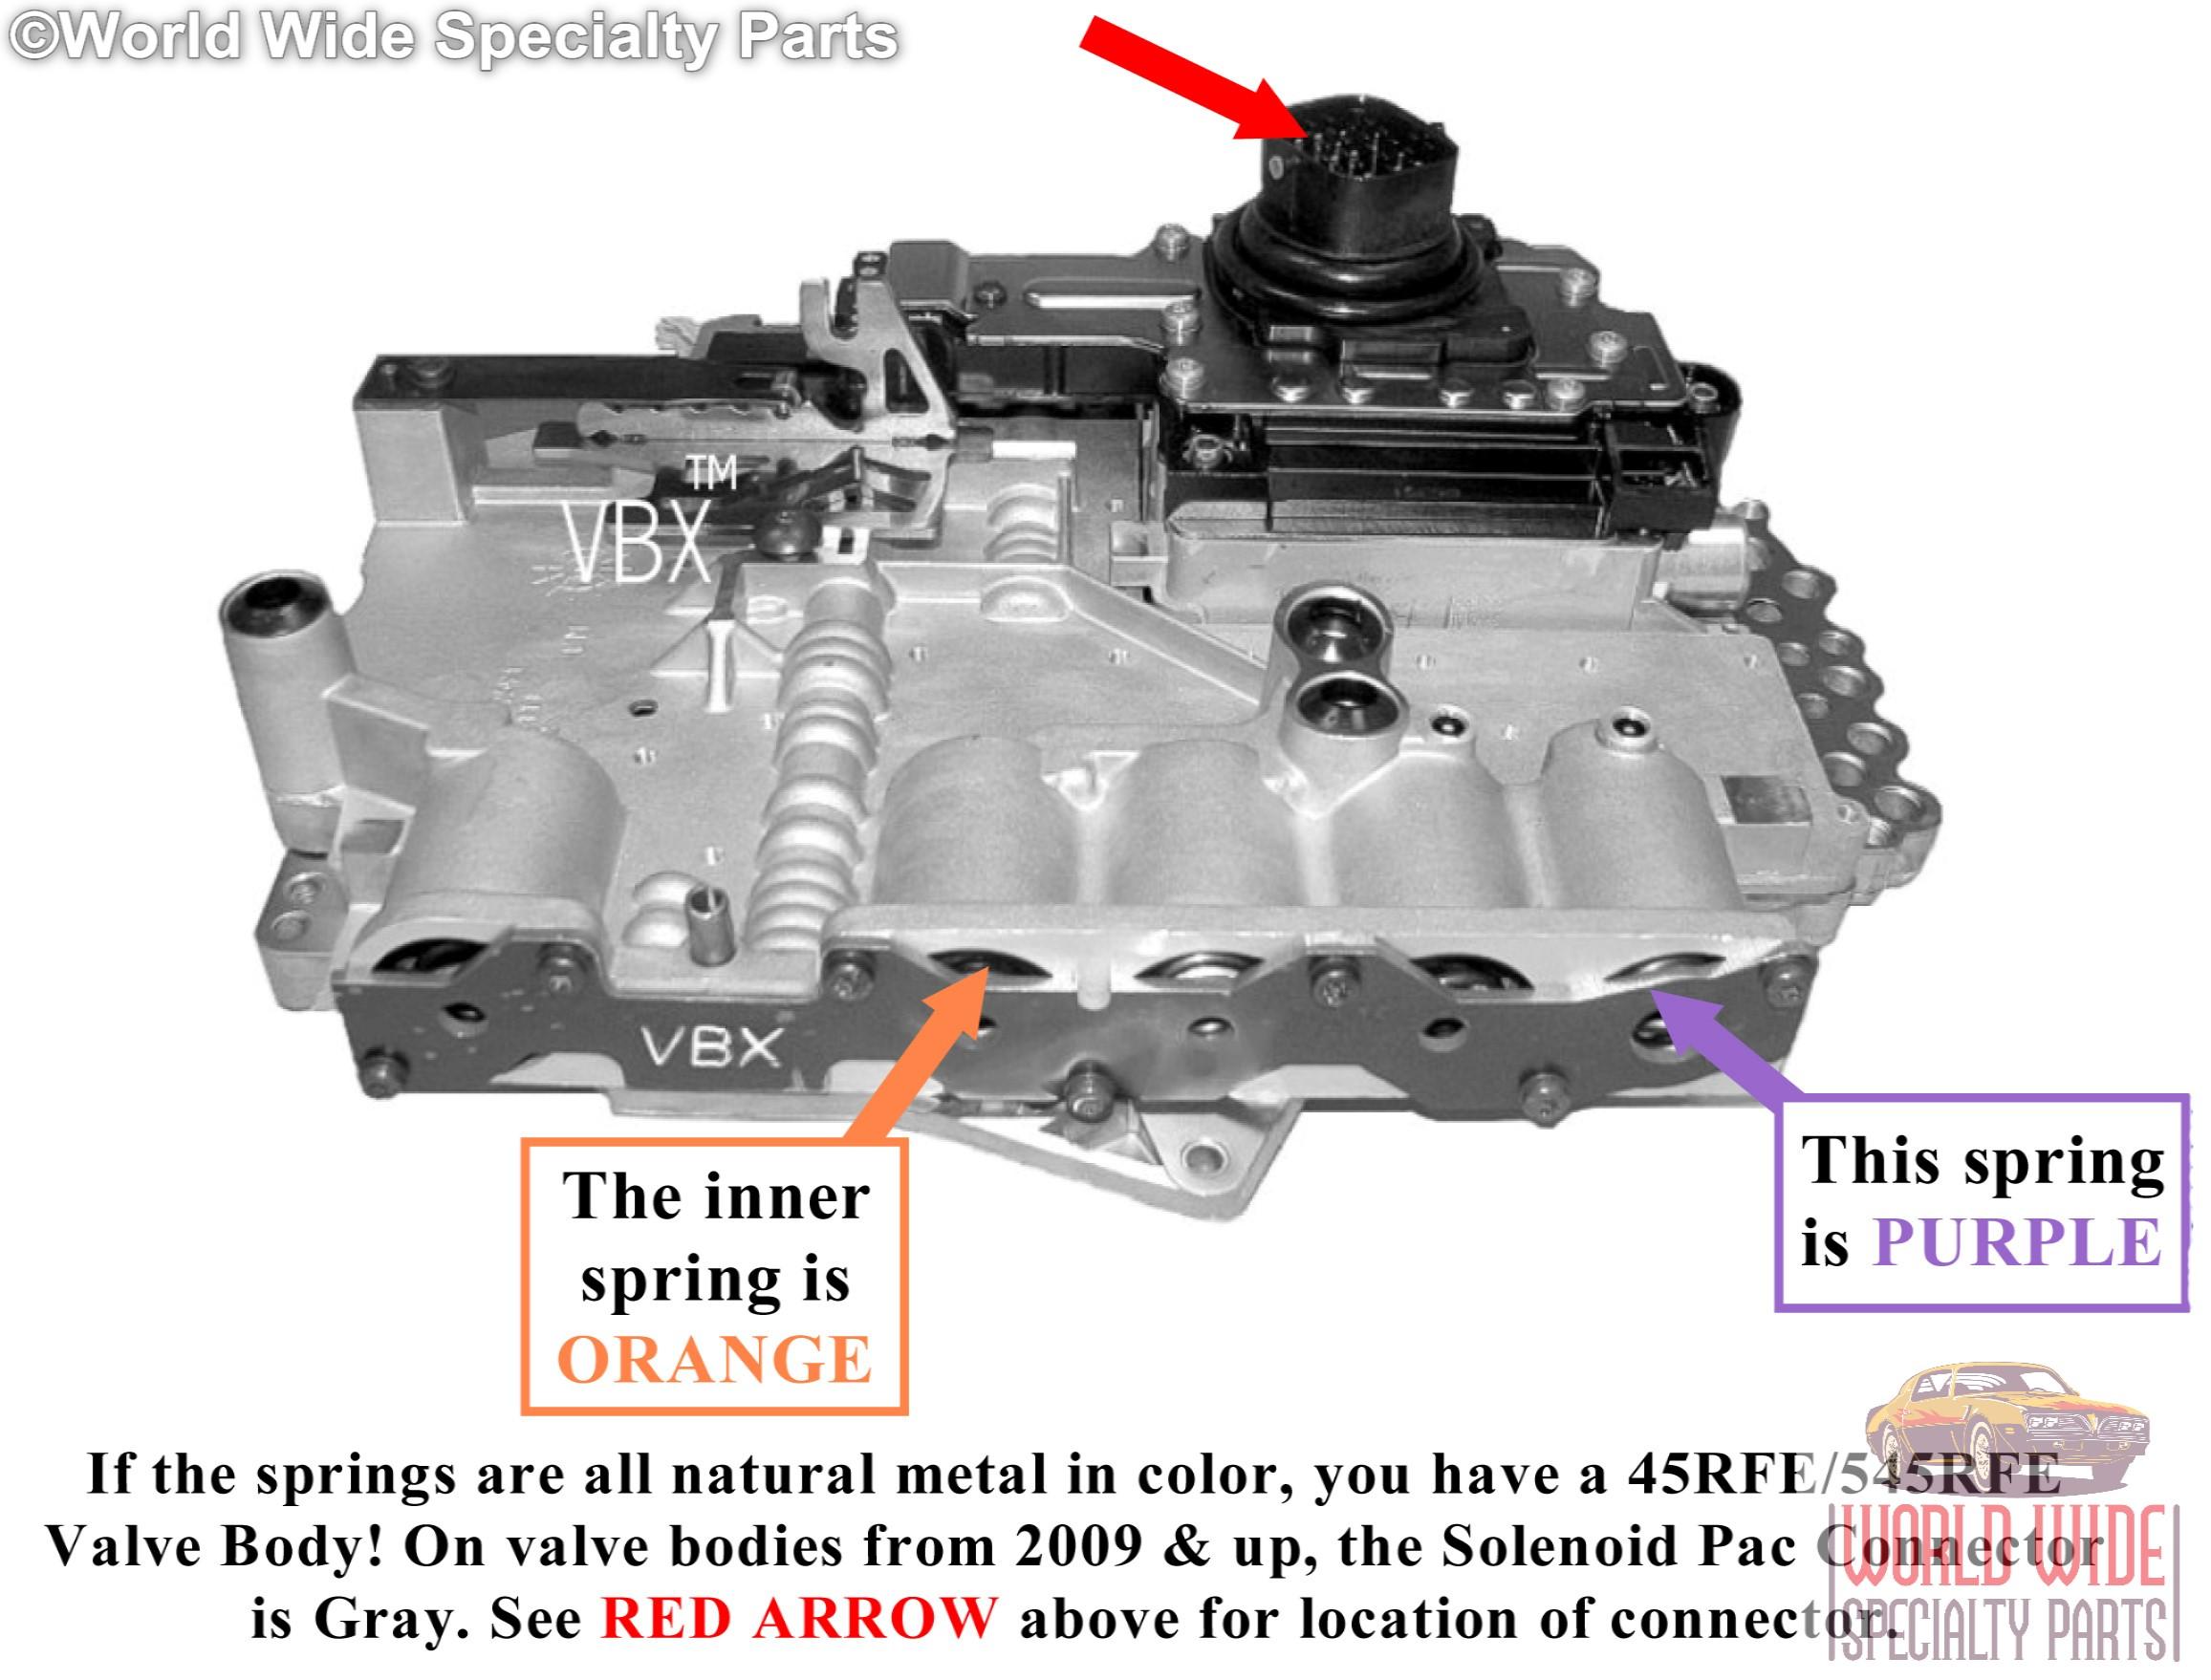 dodge 65rfe 66rfe 68rfe valve body rebuild service 2009 up rh ebay com